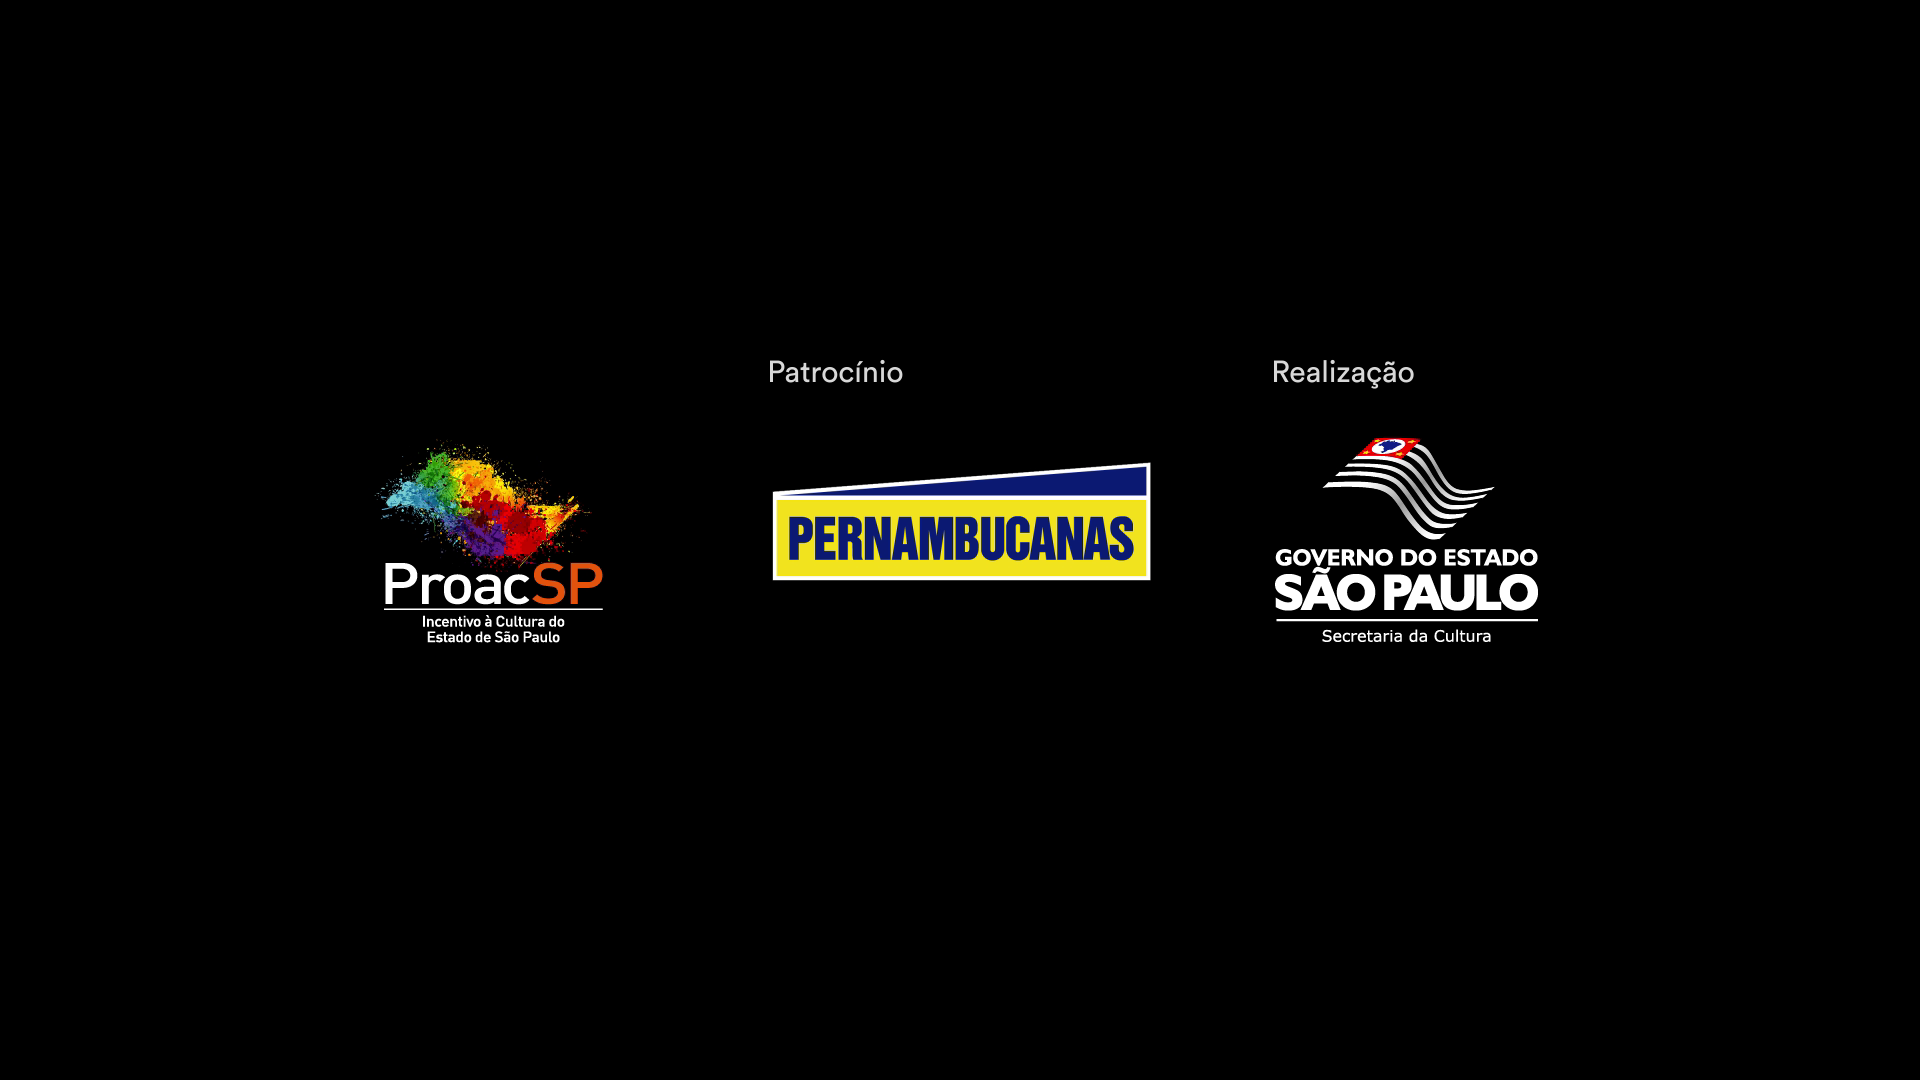 cartela-printsite-pernambucanas.png